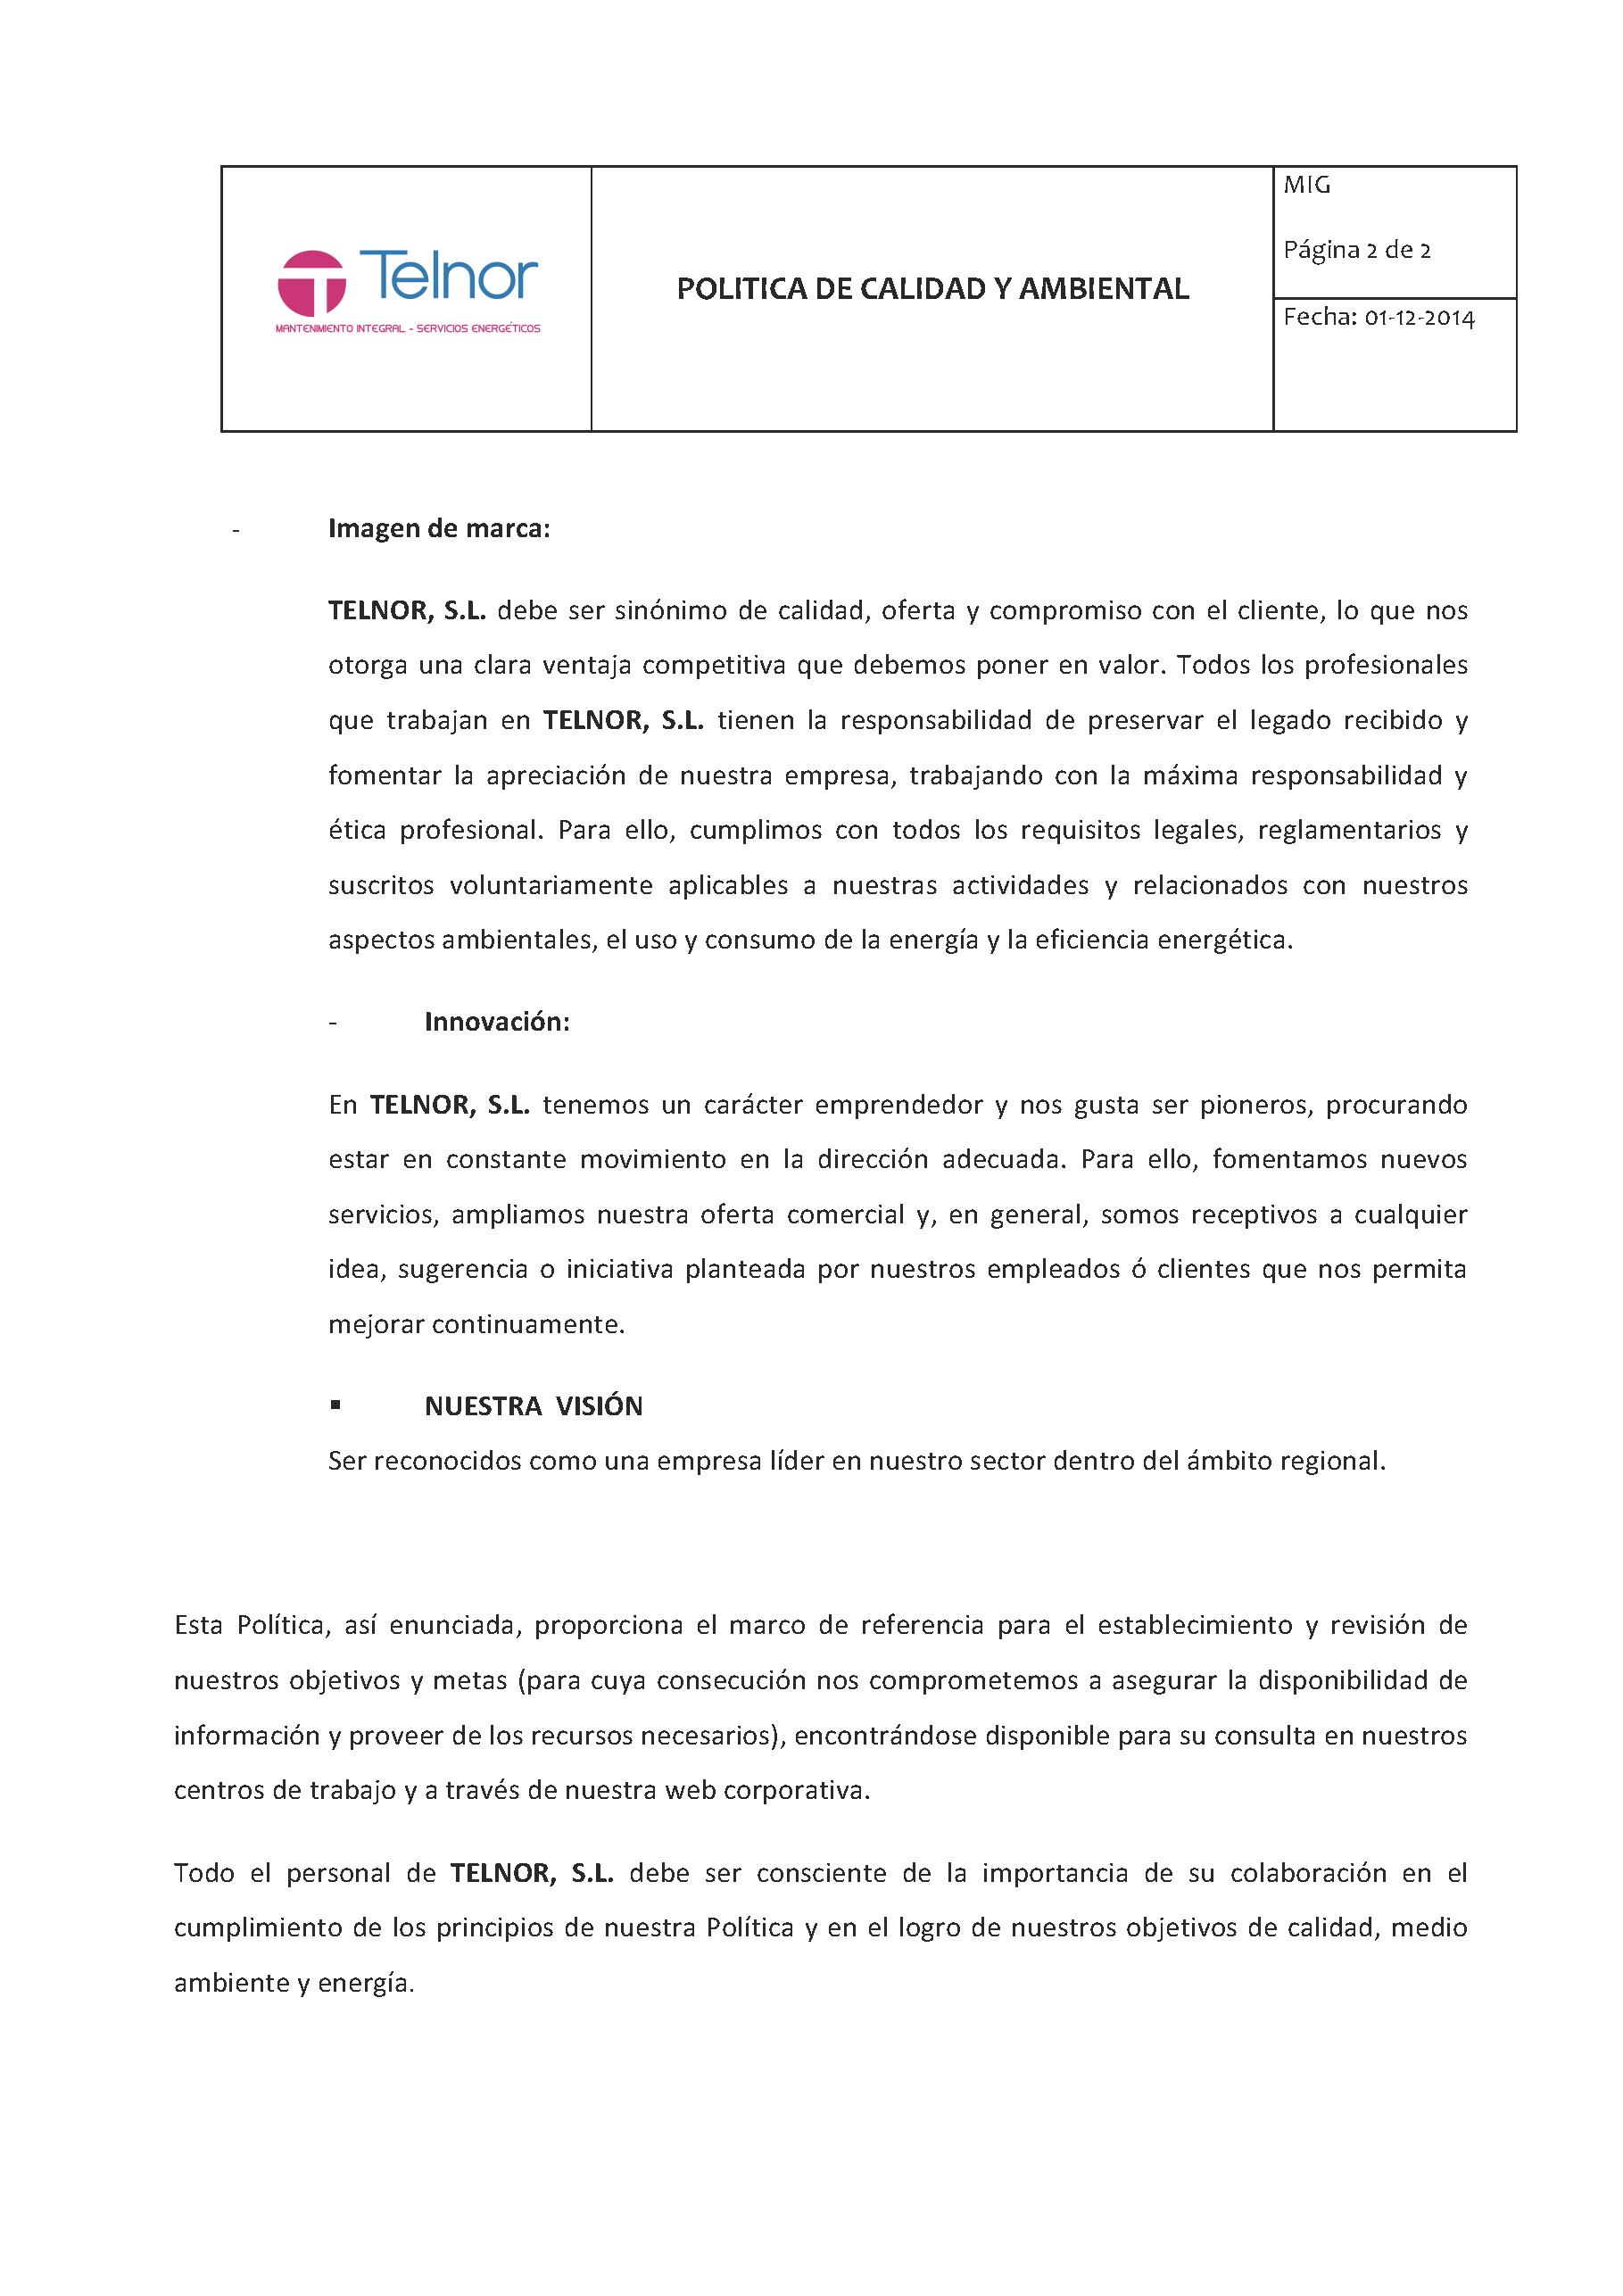 POLITICA DE CALIDAD_Página_2